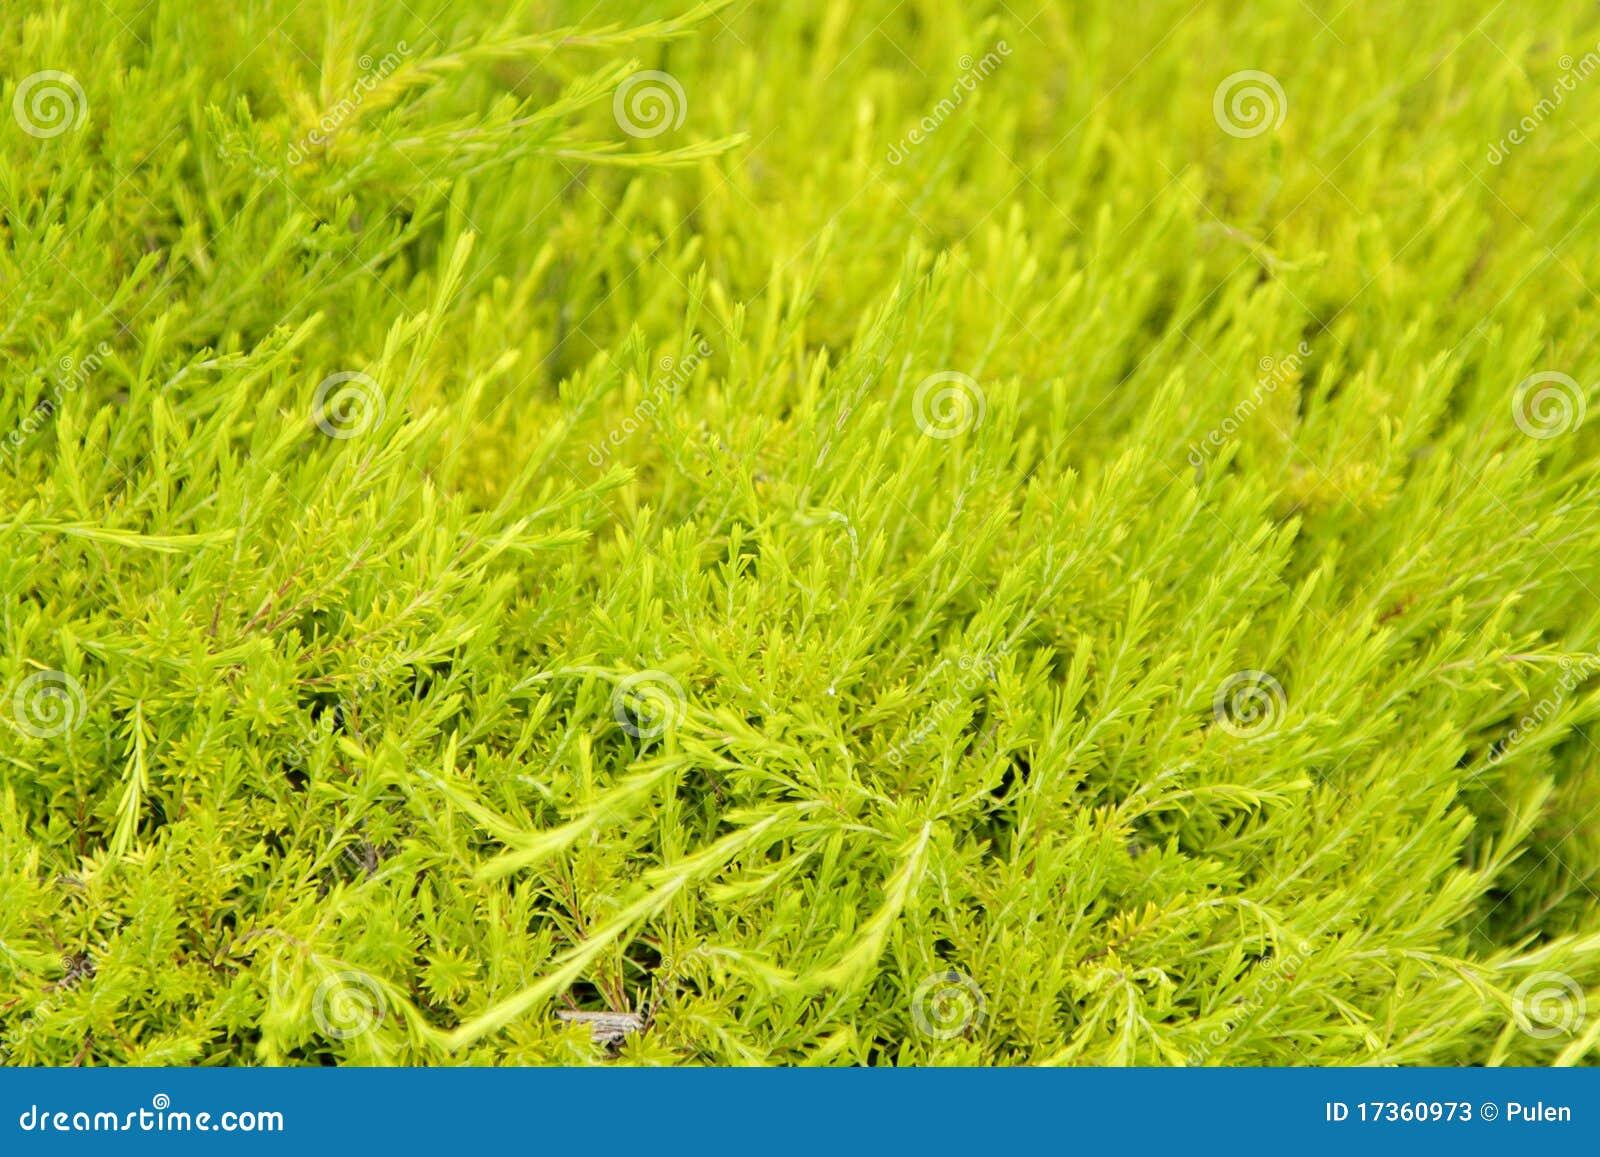 Light green bush